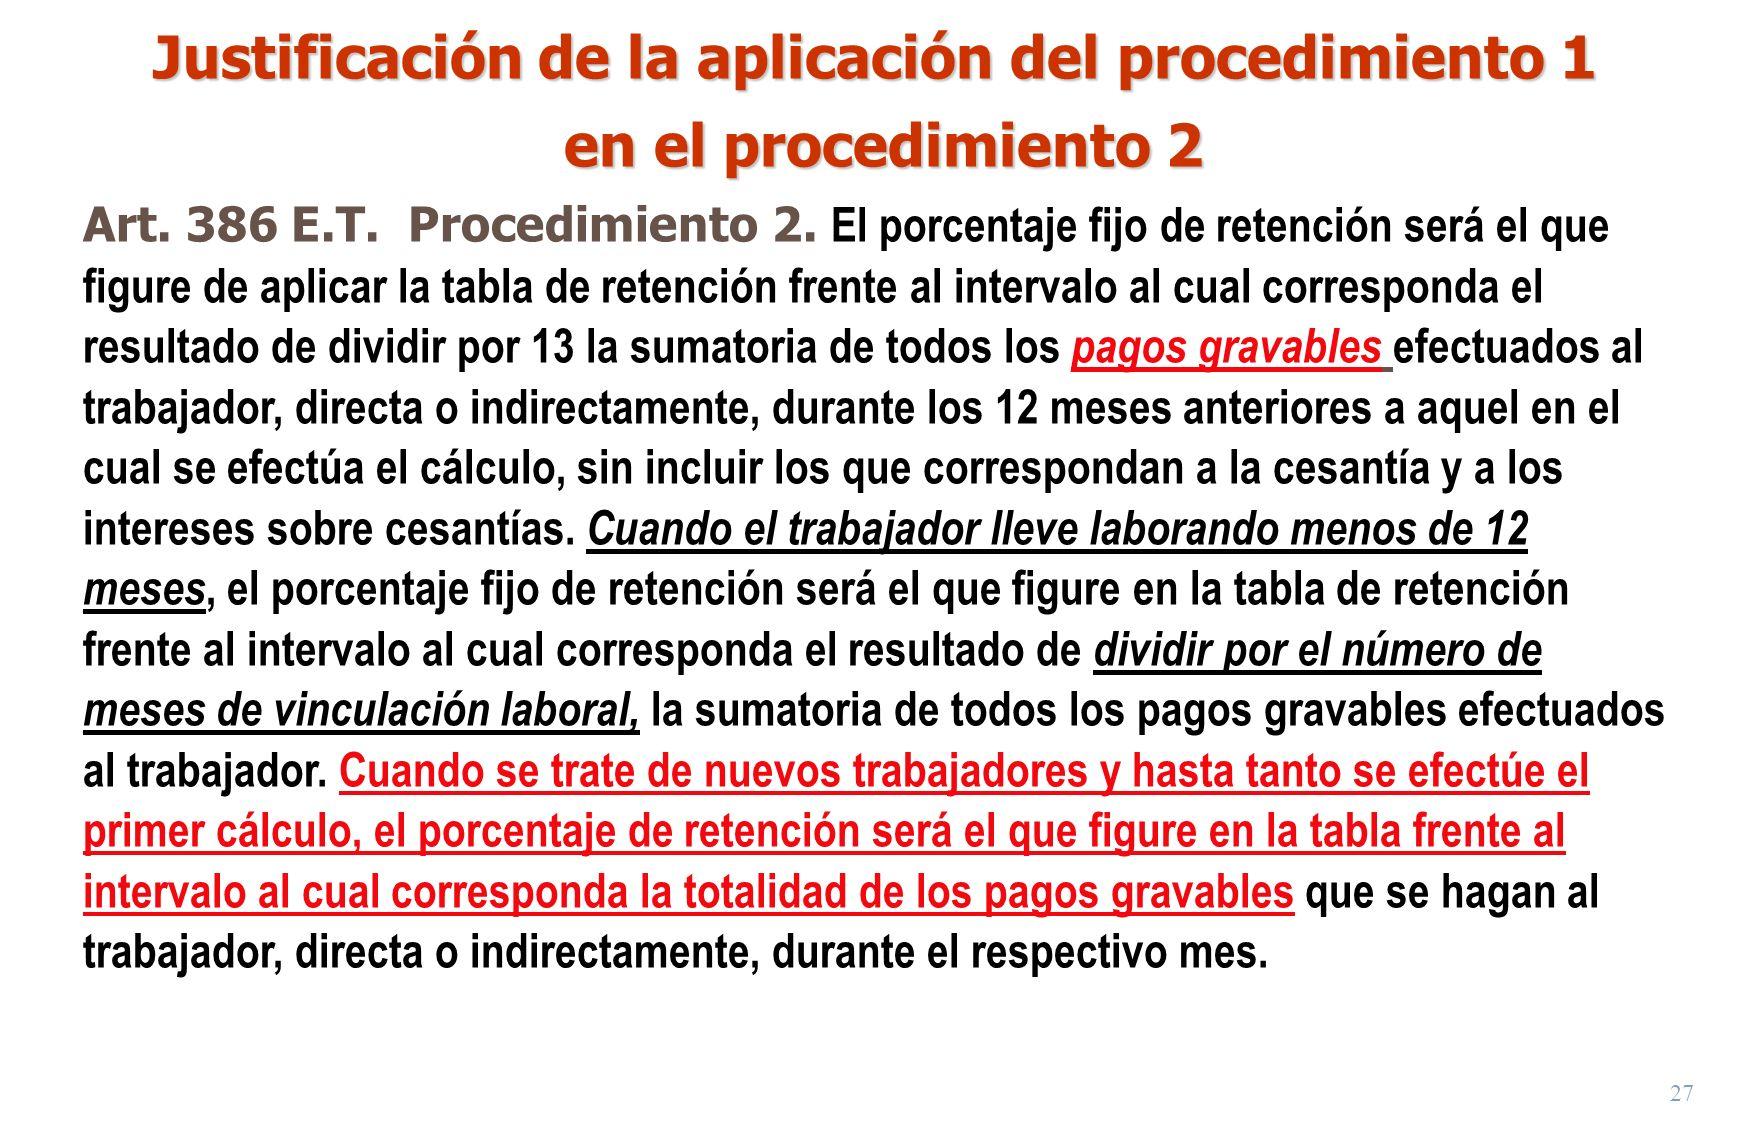 Justificación de la aplicación del procedimiento 1